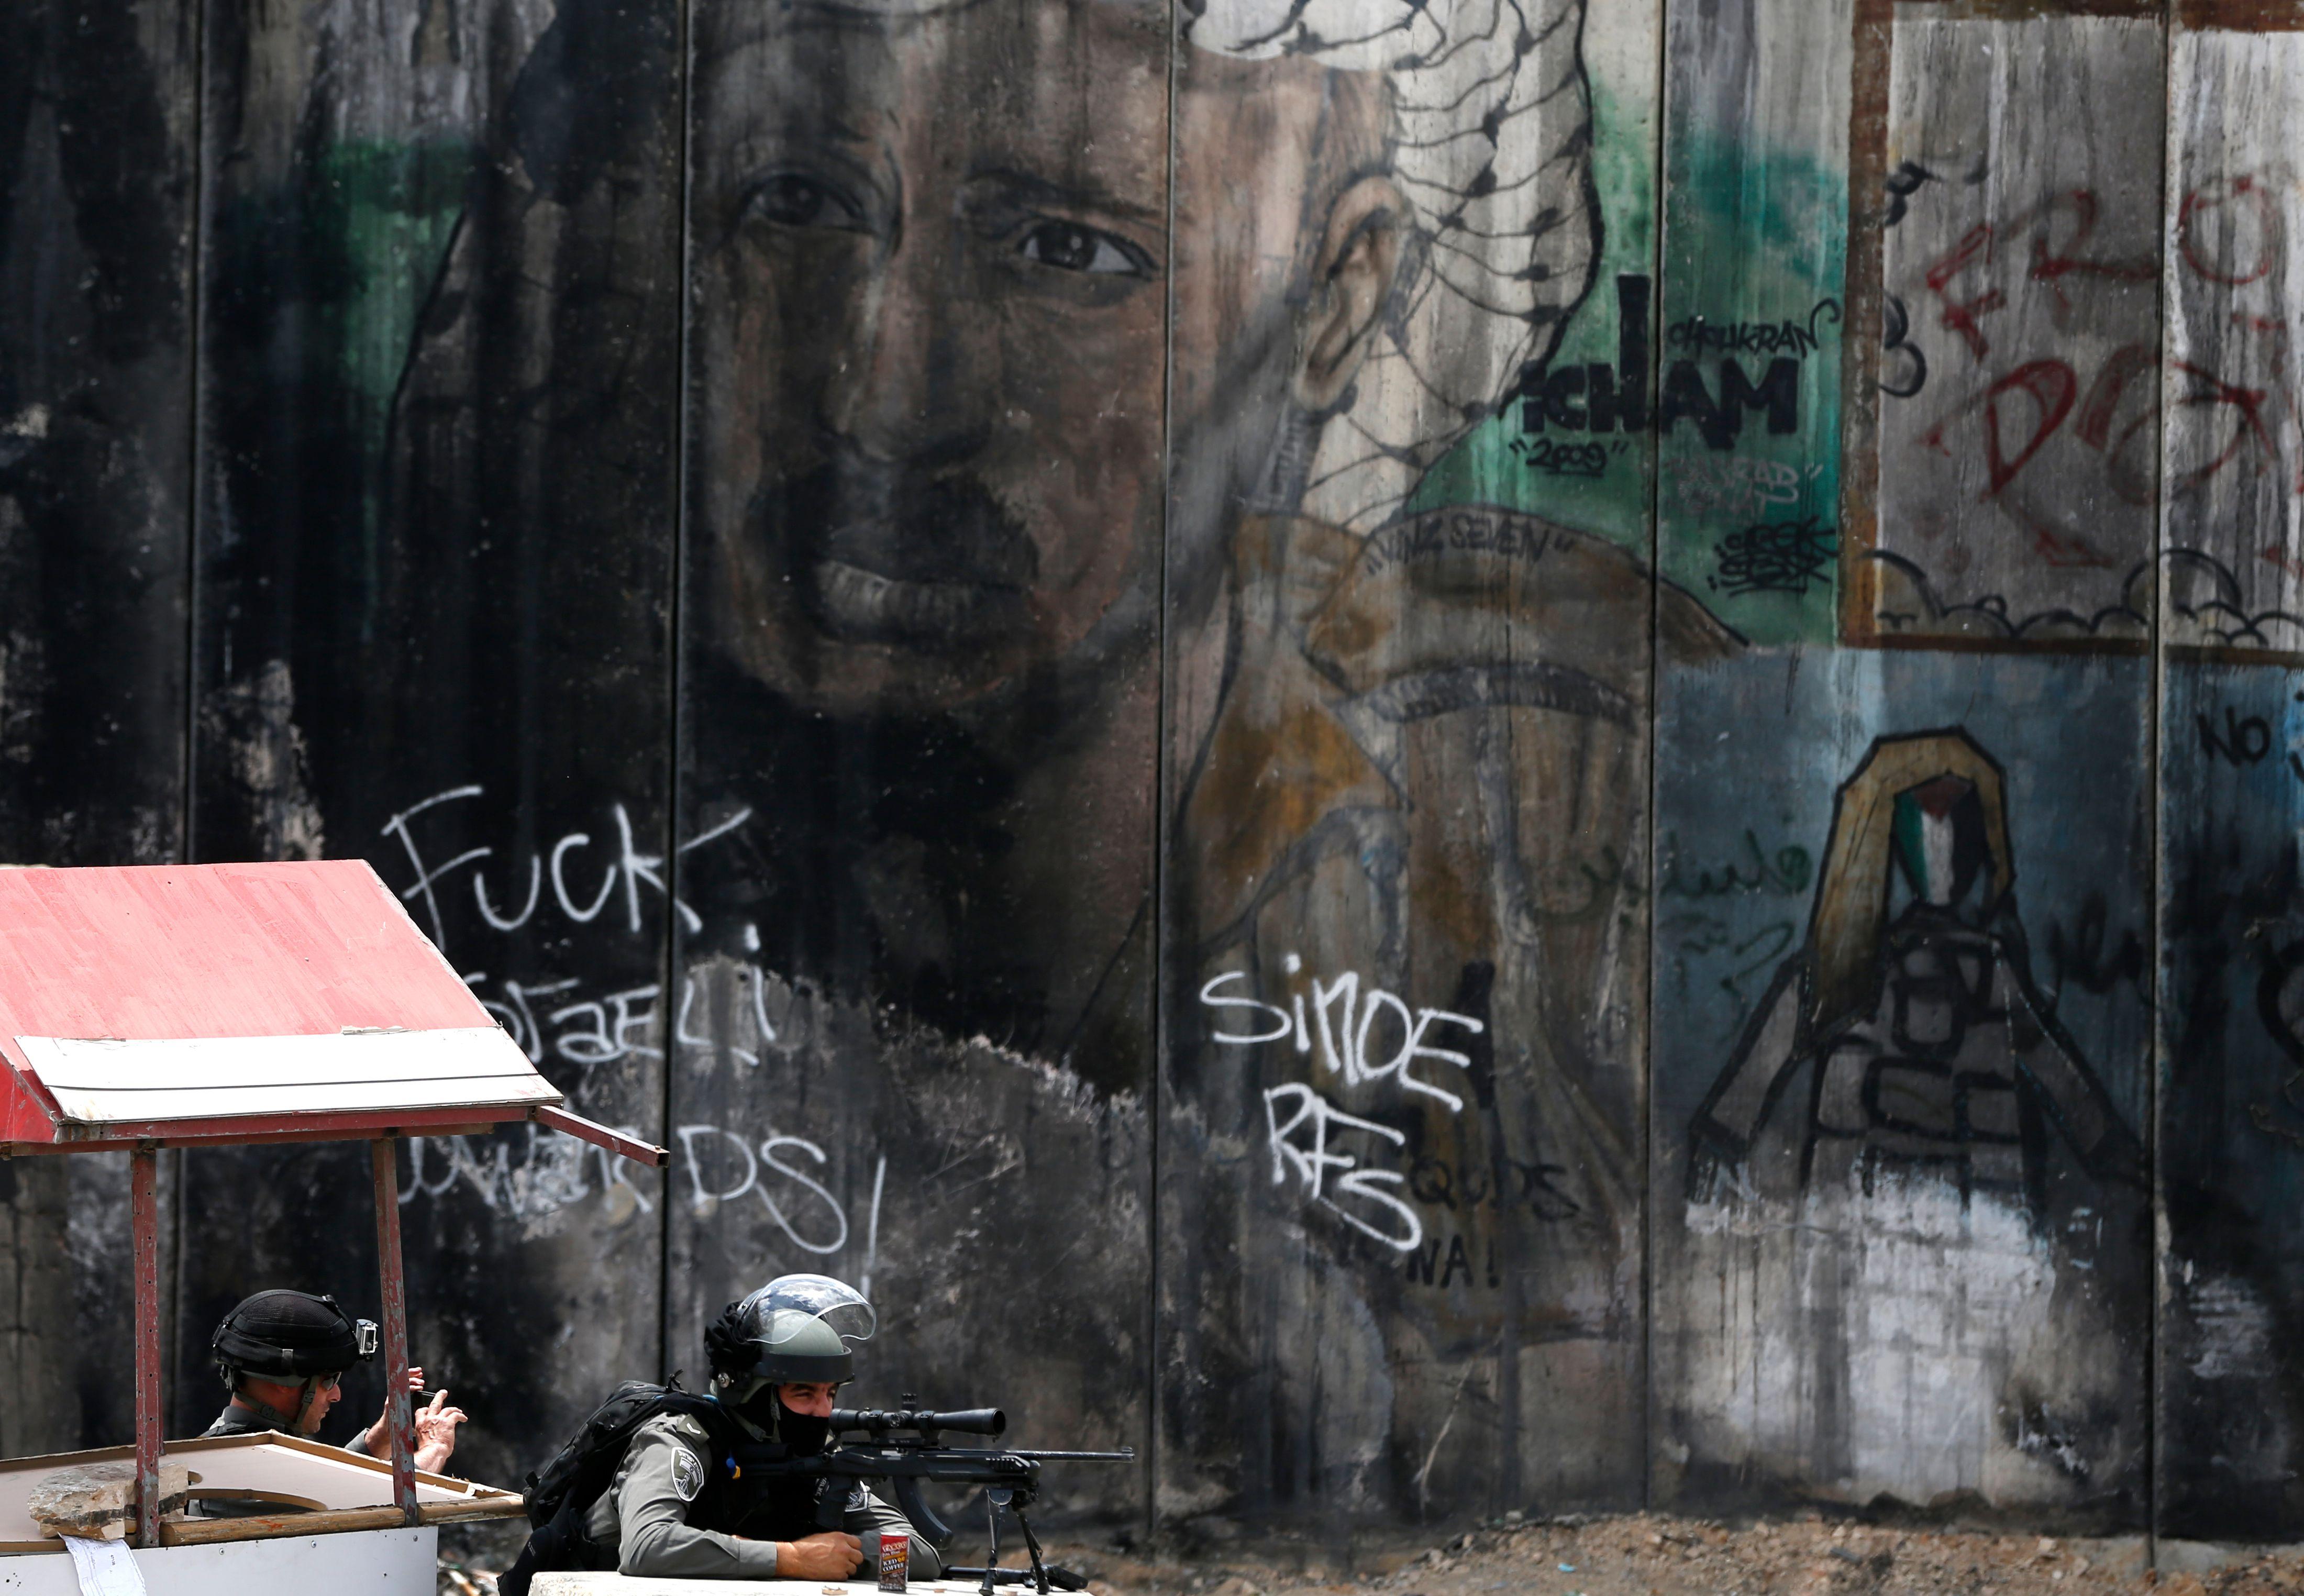 قناص إسرائيلى يطلق الرصاص على متظاهرين فلسطينيين